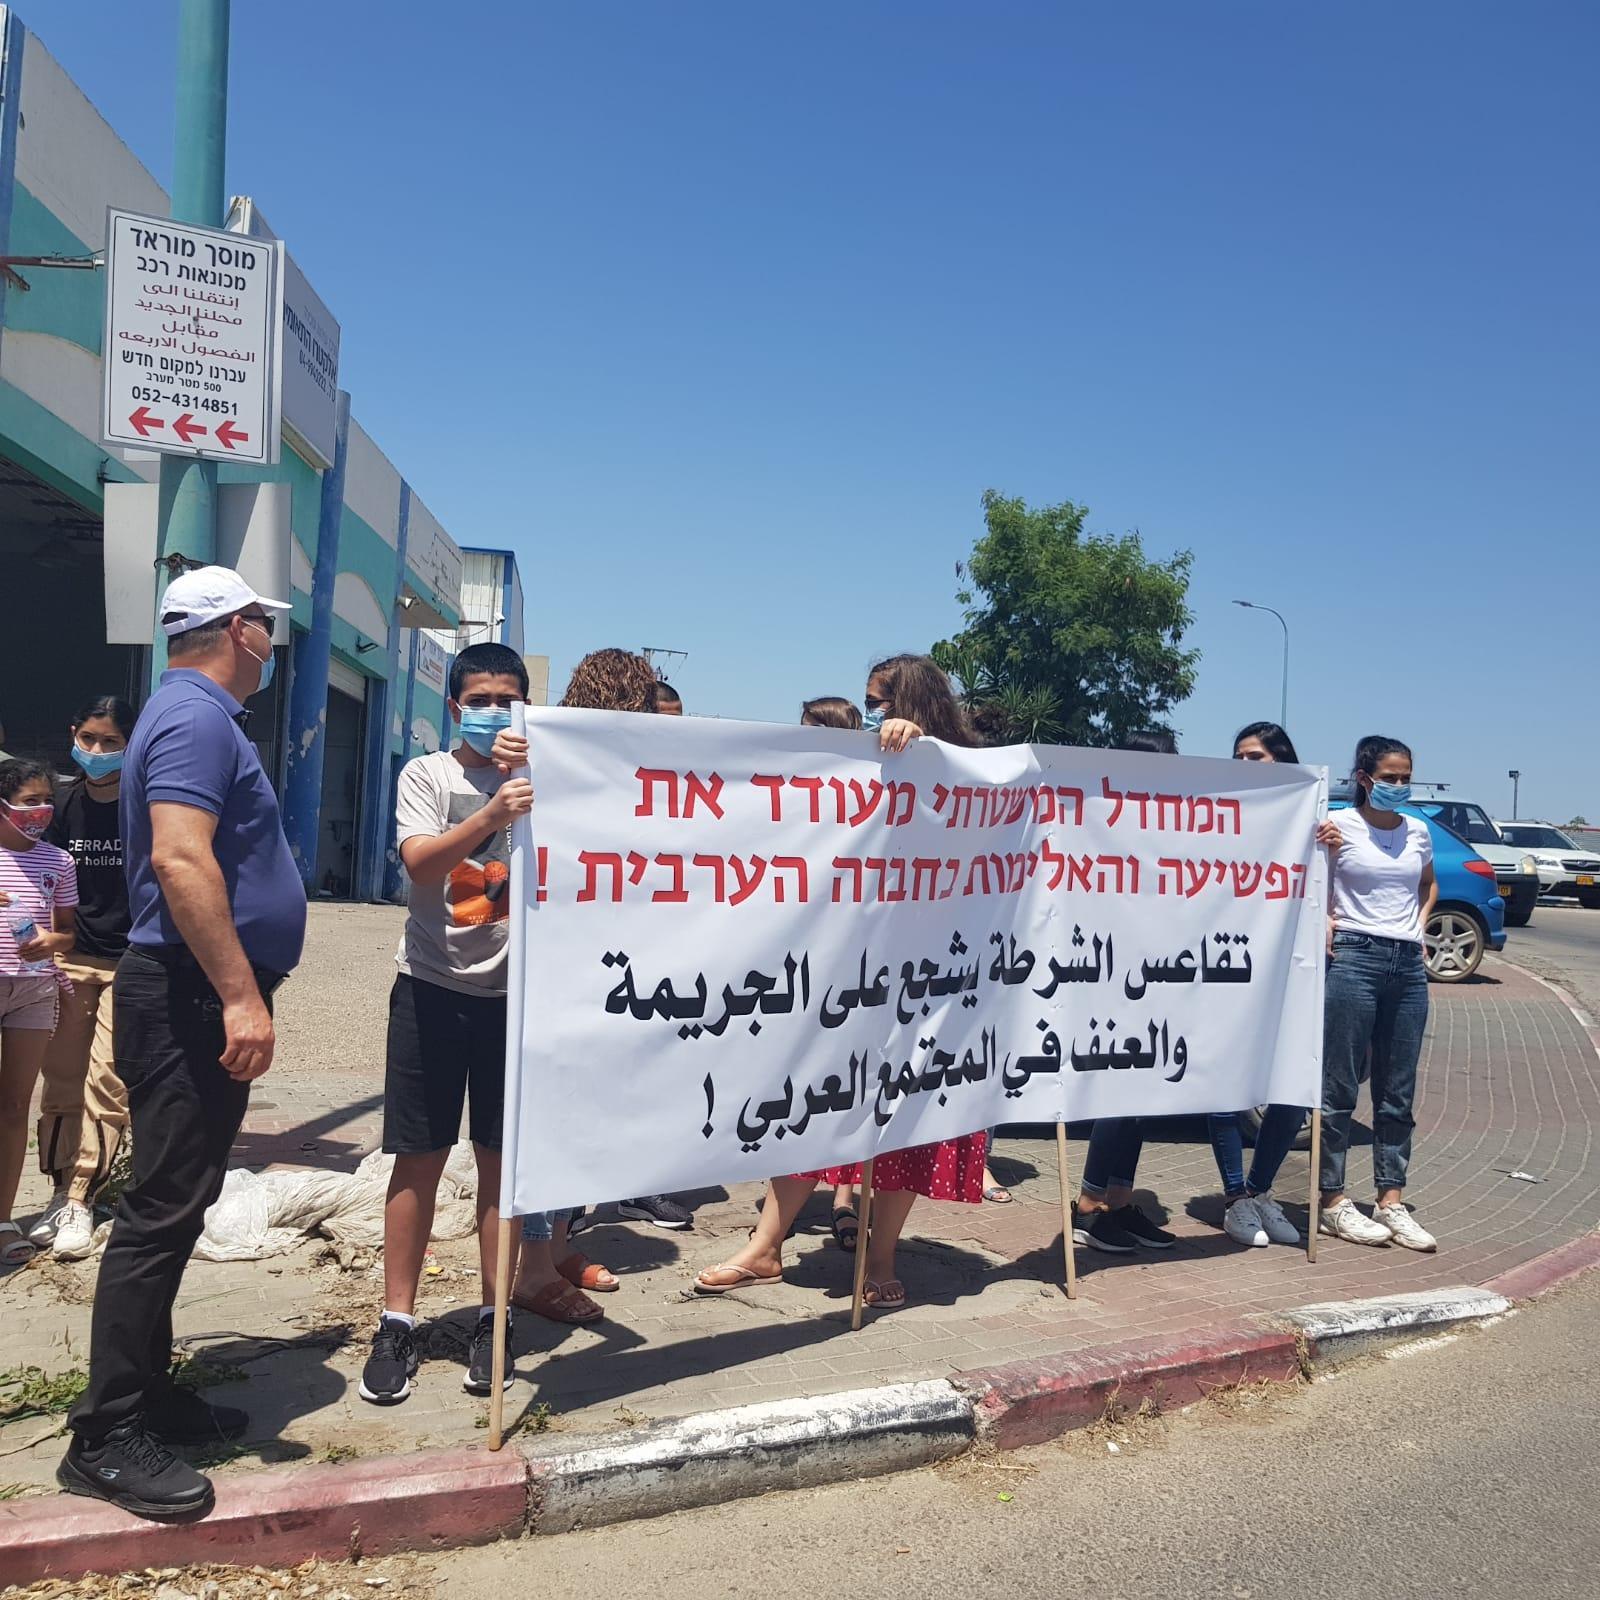 طمرة: وقفة احتجاجية ضد تواطؤ الشرطة بمحاربة العنف والجريمة